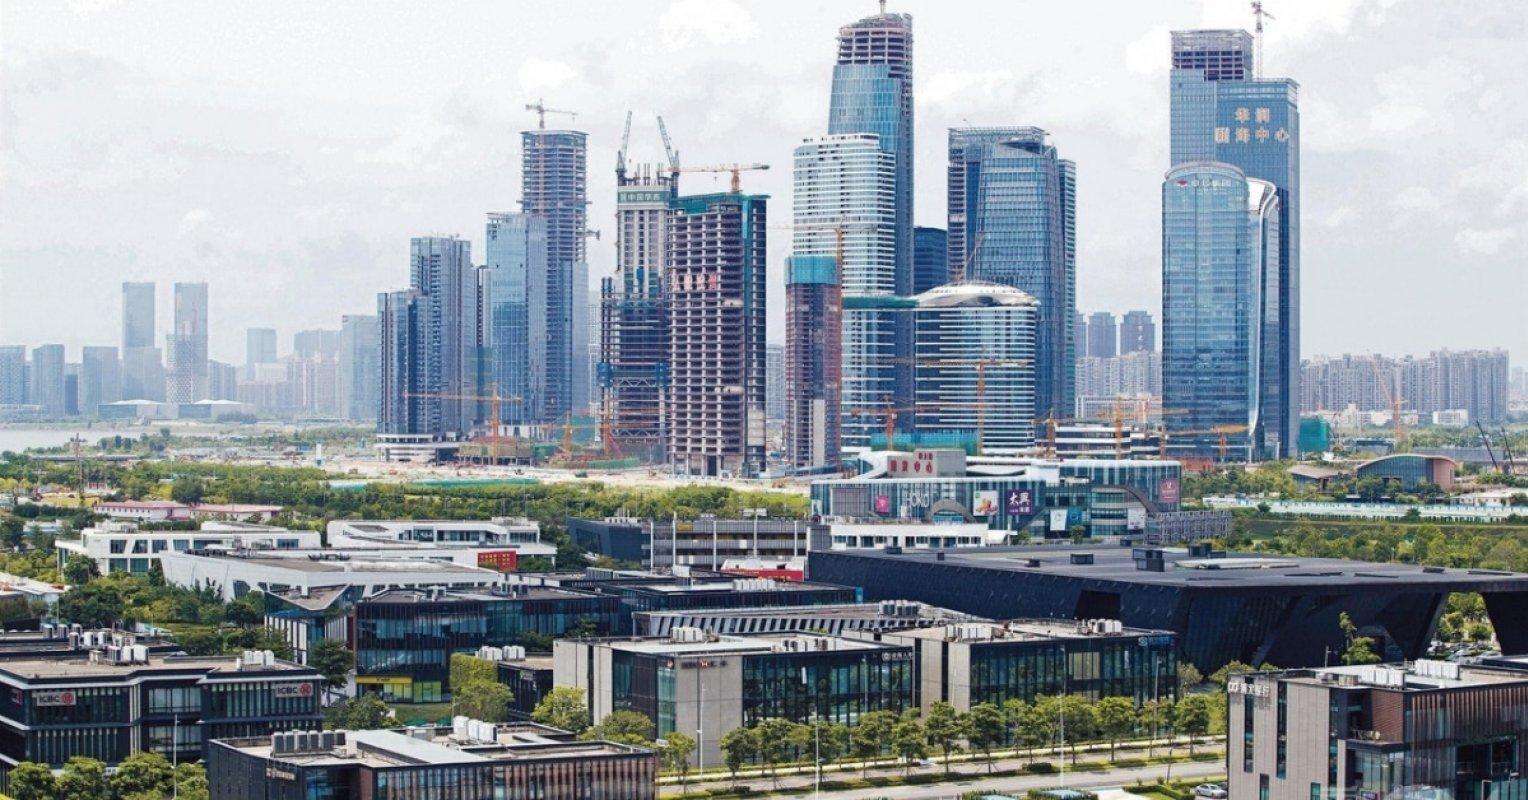 官媒:大灣區經濟總量達11.5萬億元 高於美國三藩市灣區